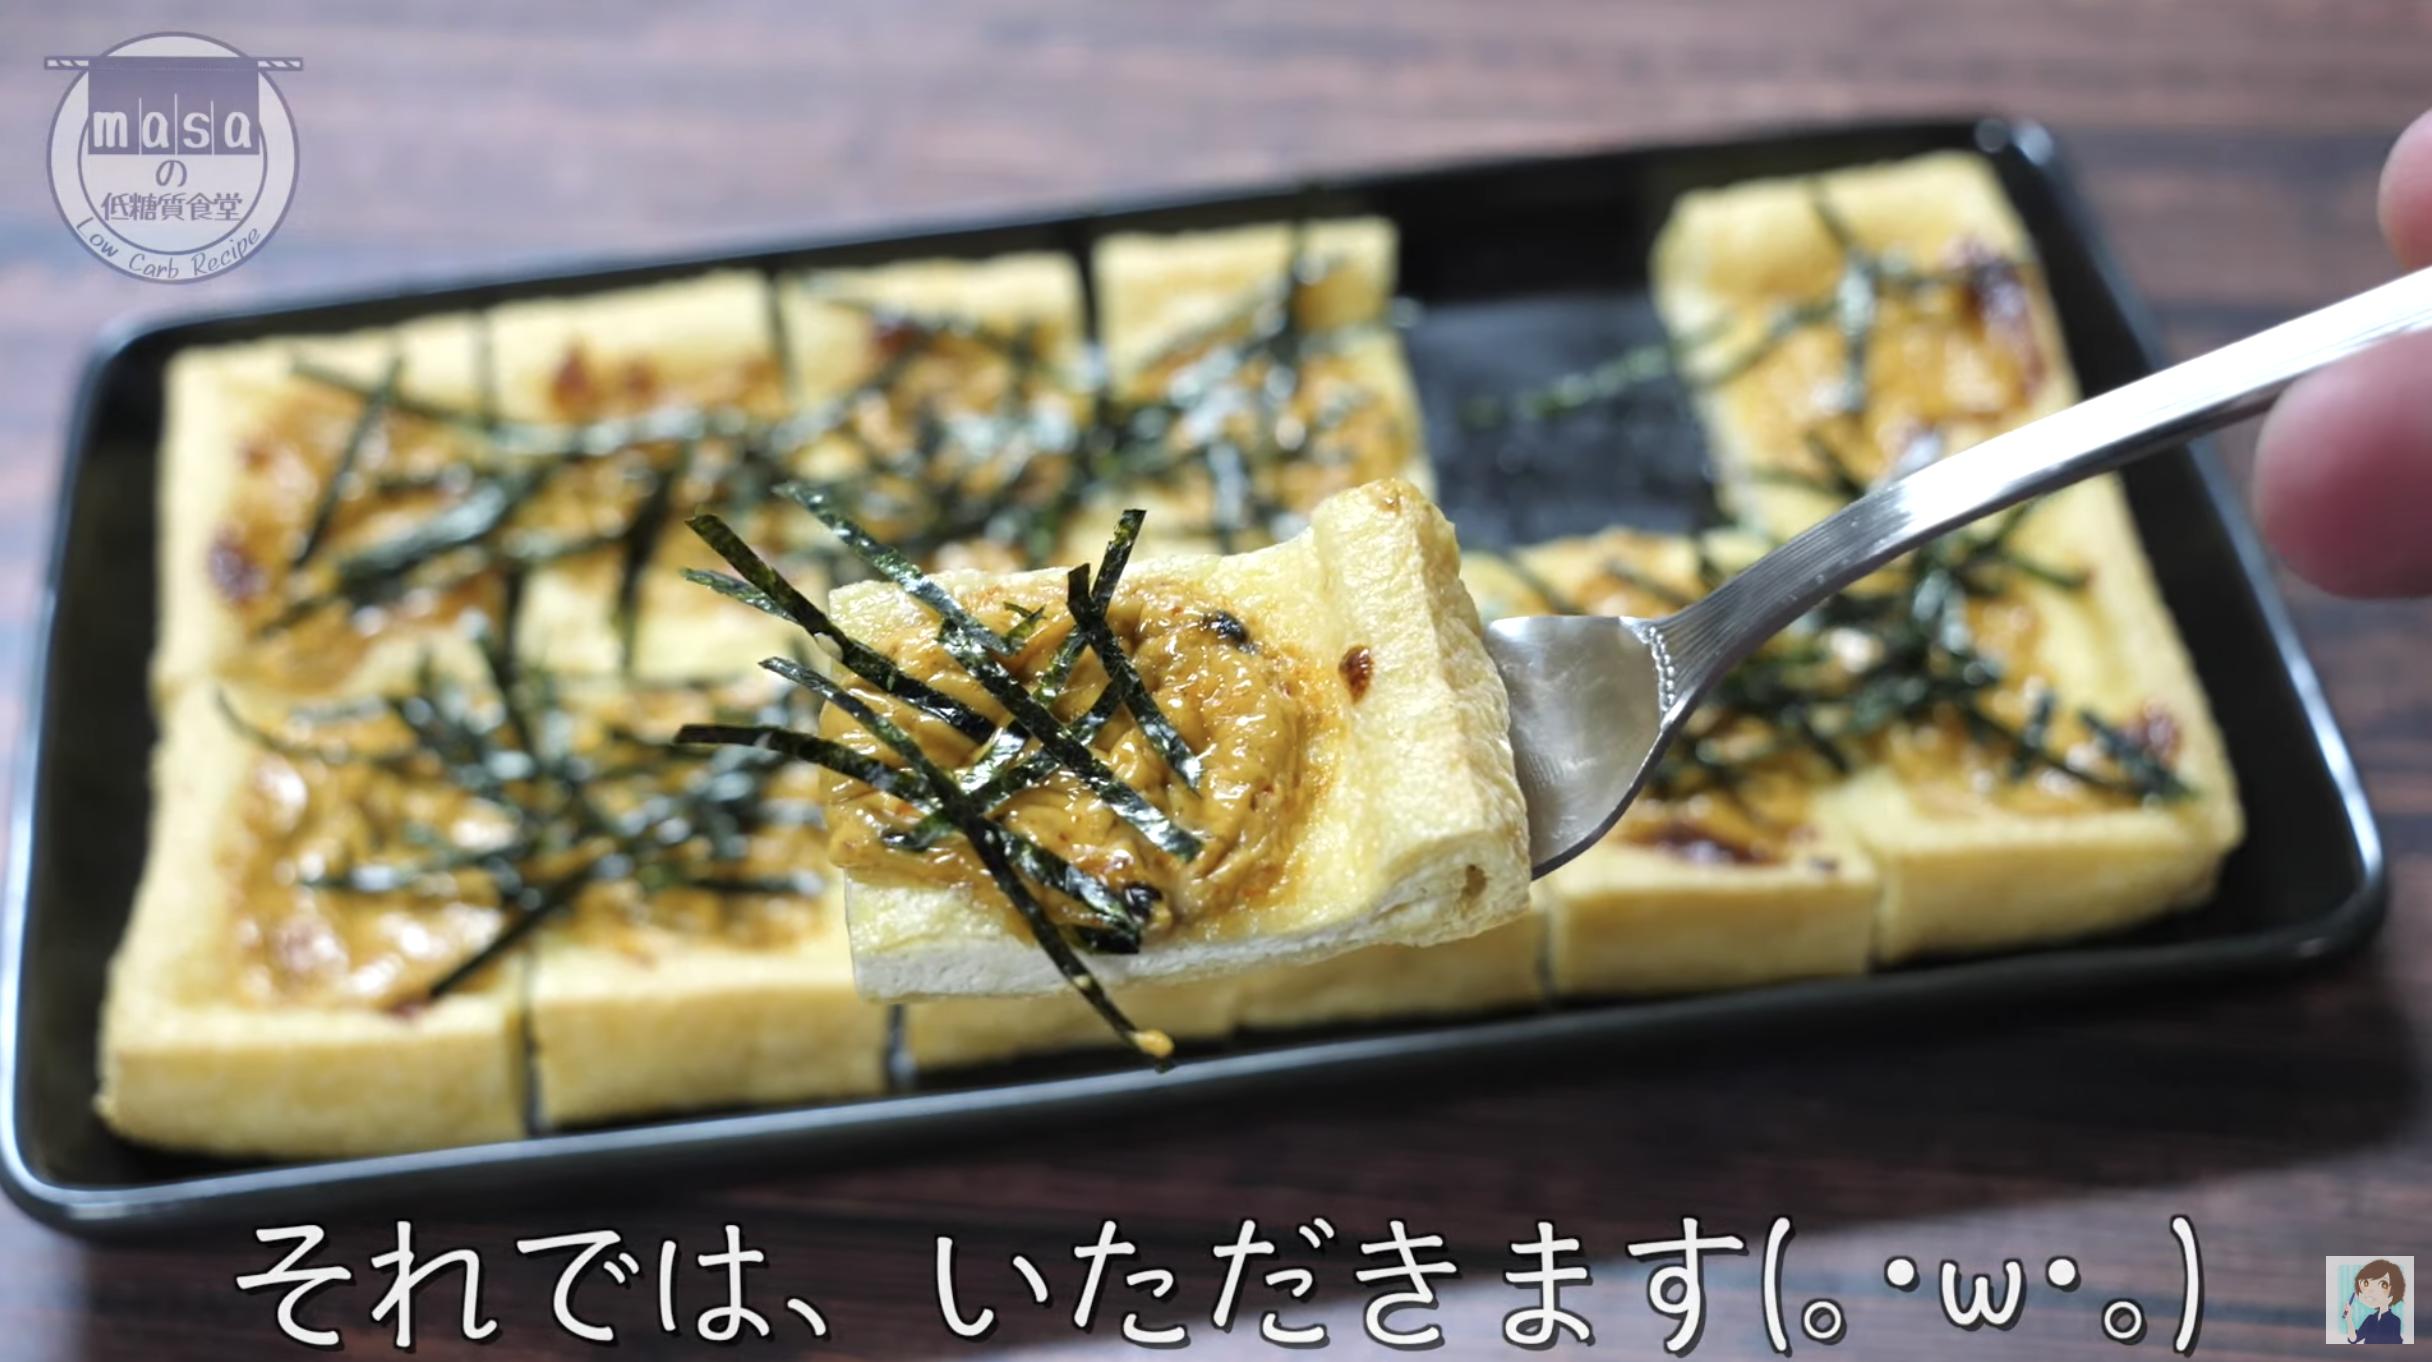 油揚げ ピザ レシピ ダイエット